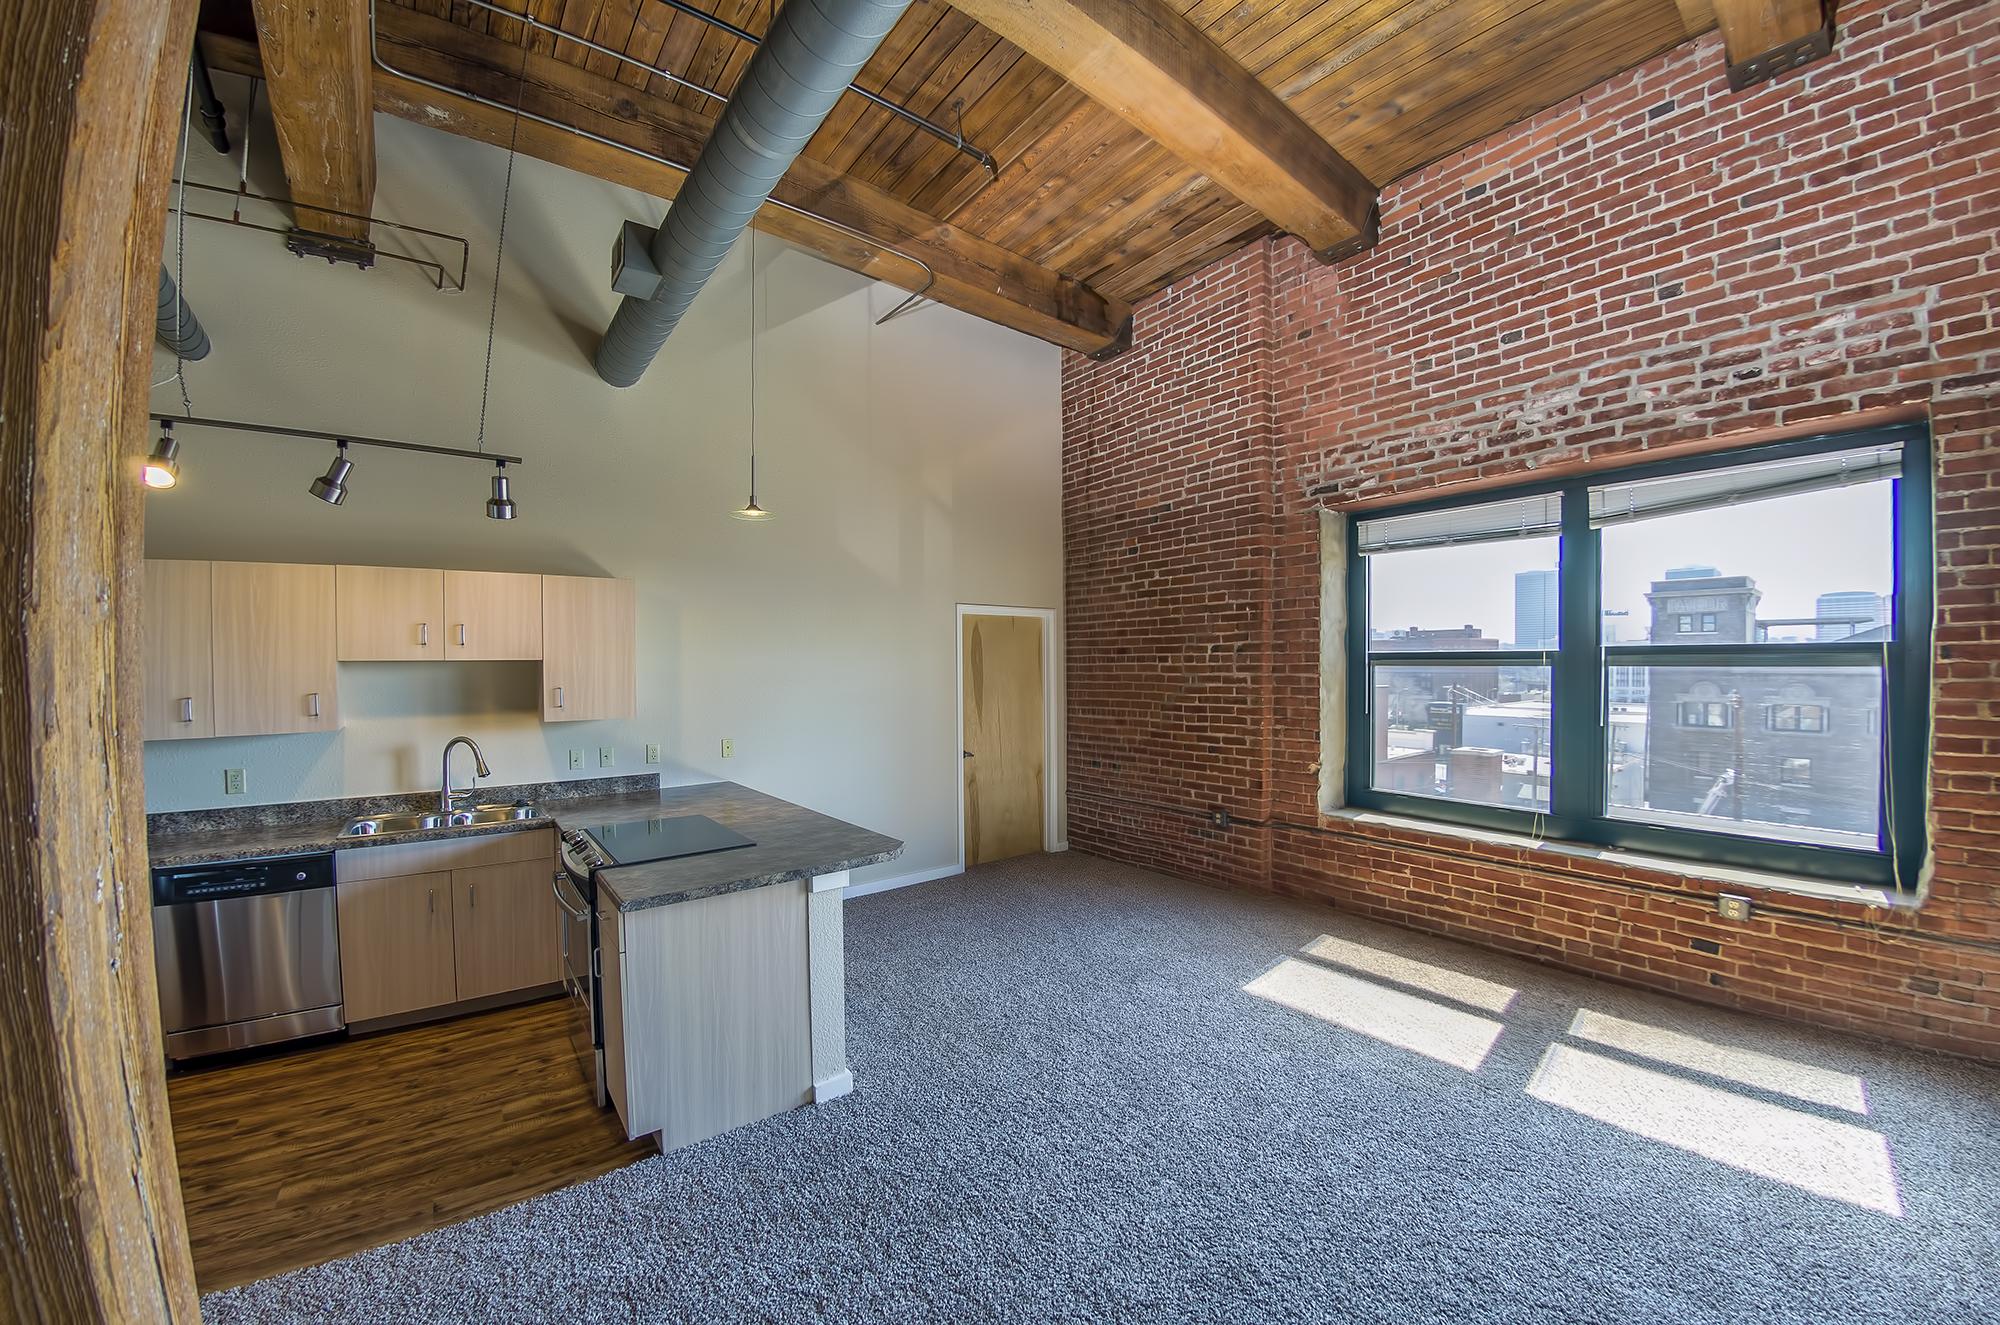 Studio Apartment Kansas City studio lofts kansas city - best loft 2017